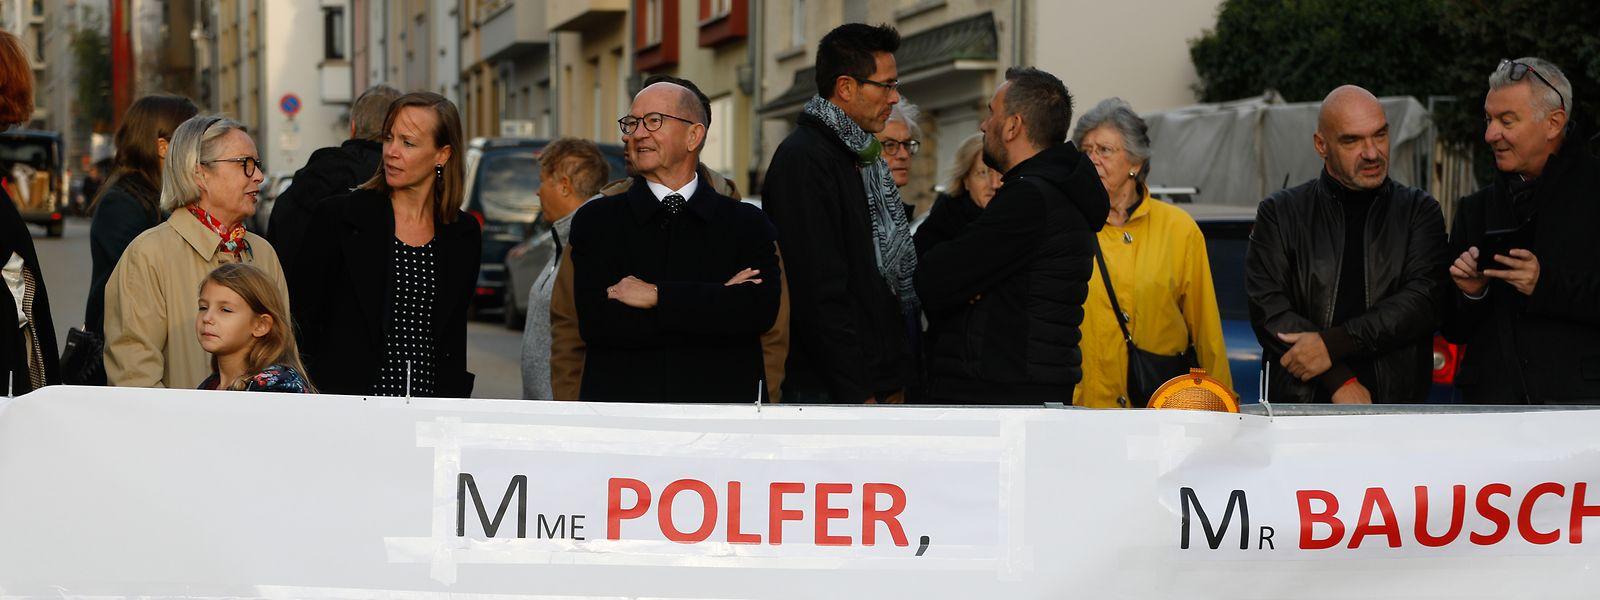 Après une réunion au mois de septembre, les habitants du quartier de la gare et de la rue de Strasbourg sont descendus dans la rue pour être entendus par les élus.